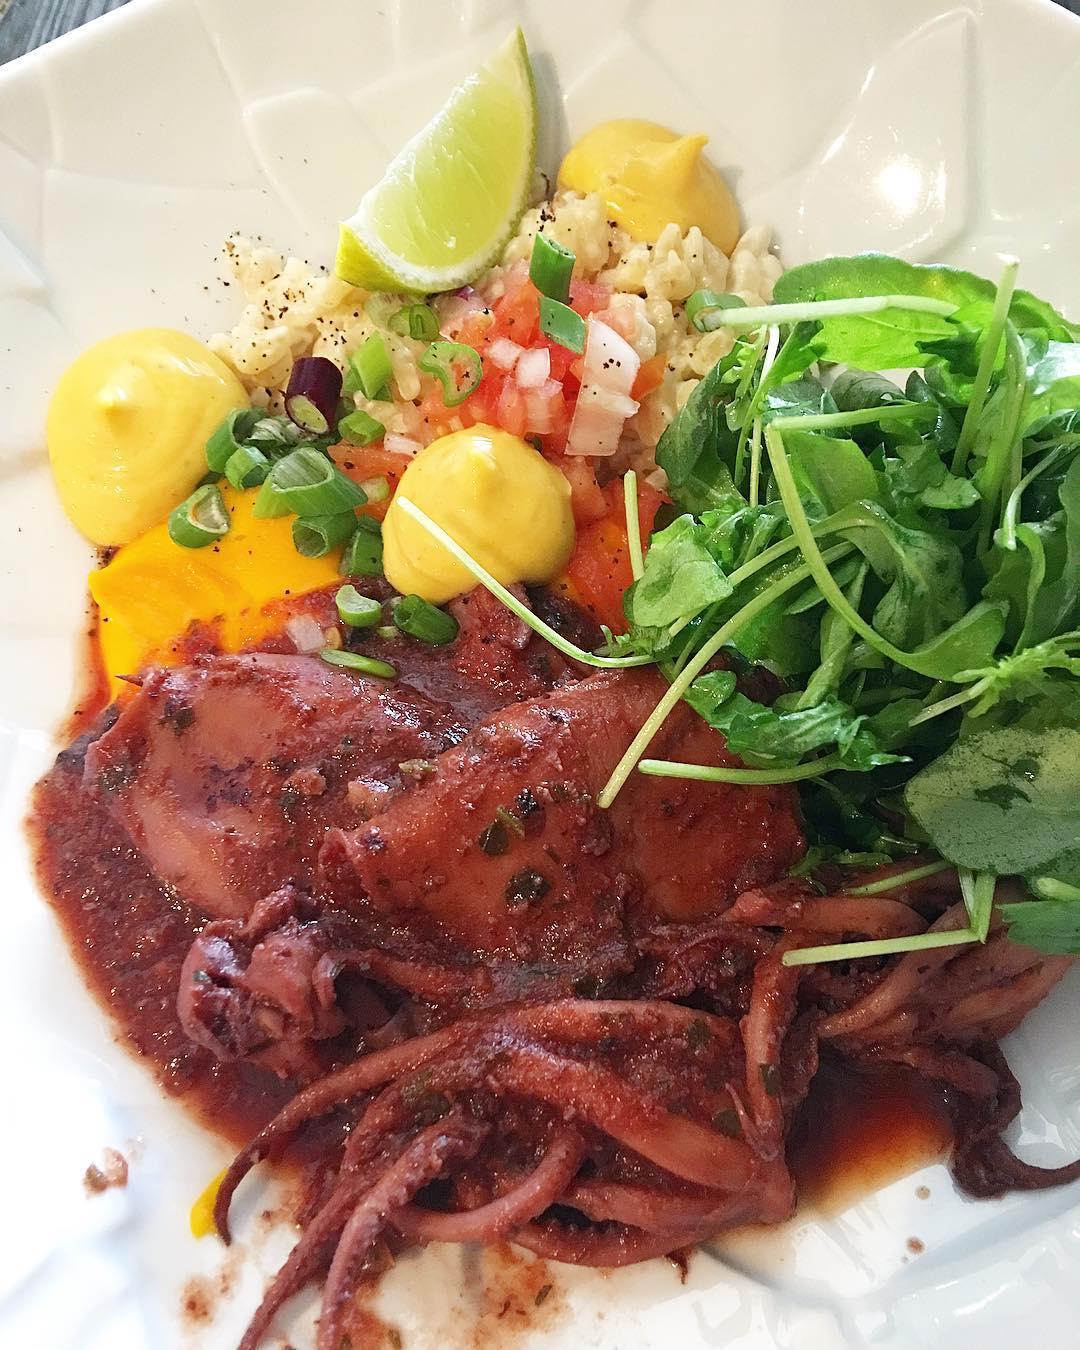 Encornets à la Sétoise ? . Un petit tour à Port Ariane chez Romain Salamone au @restaurant_sensation . . ➕ SENSATION bistronomik • restaurant . ? Lattes (34)?? . ________________ #sensation #sensationrestaurant #bistronomie #gastronomie #restaurant #food #foodlover #blogfood #bloggerfood #foodporn #lattes #portariane #montpellier #pintademontpellier #chefdoc